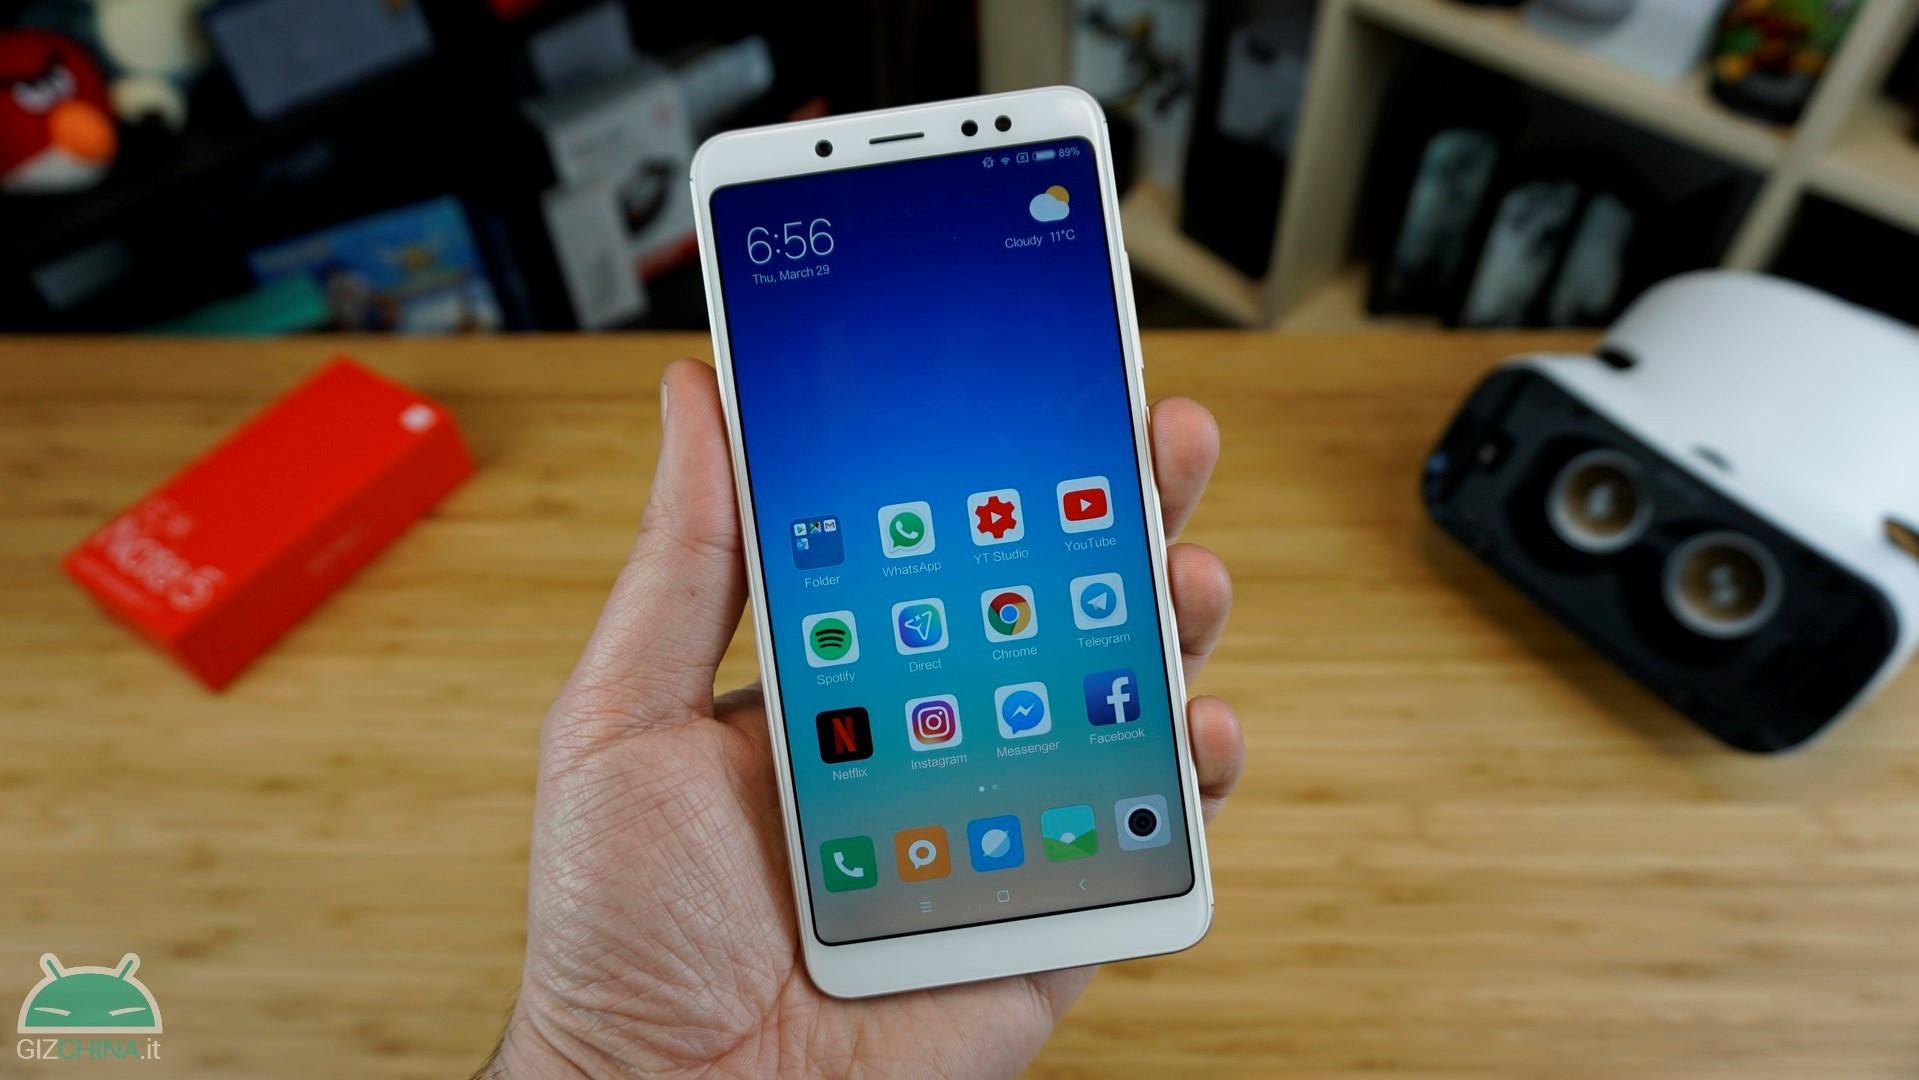 Xiaomi Redmi Note 5 4/64 GB - GearBest